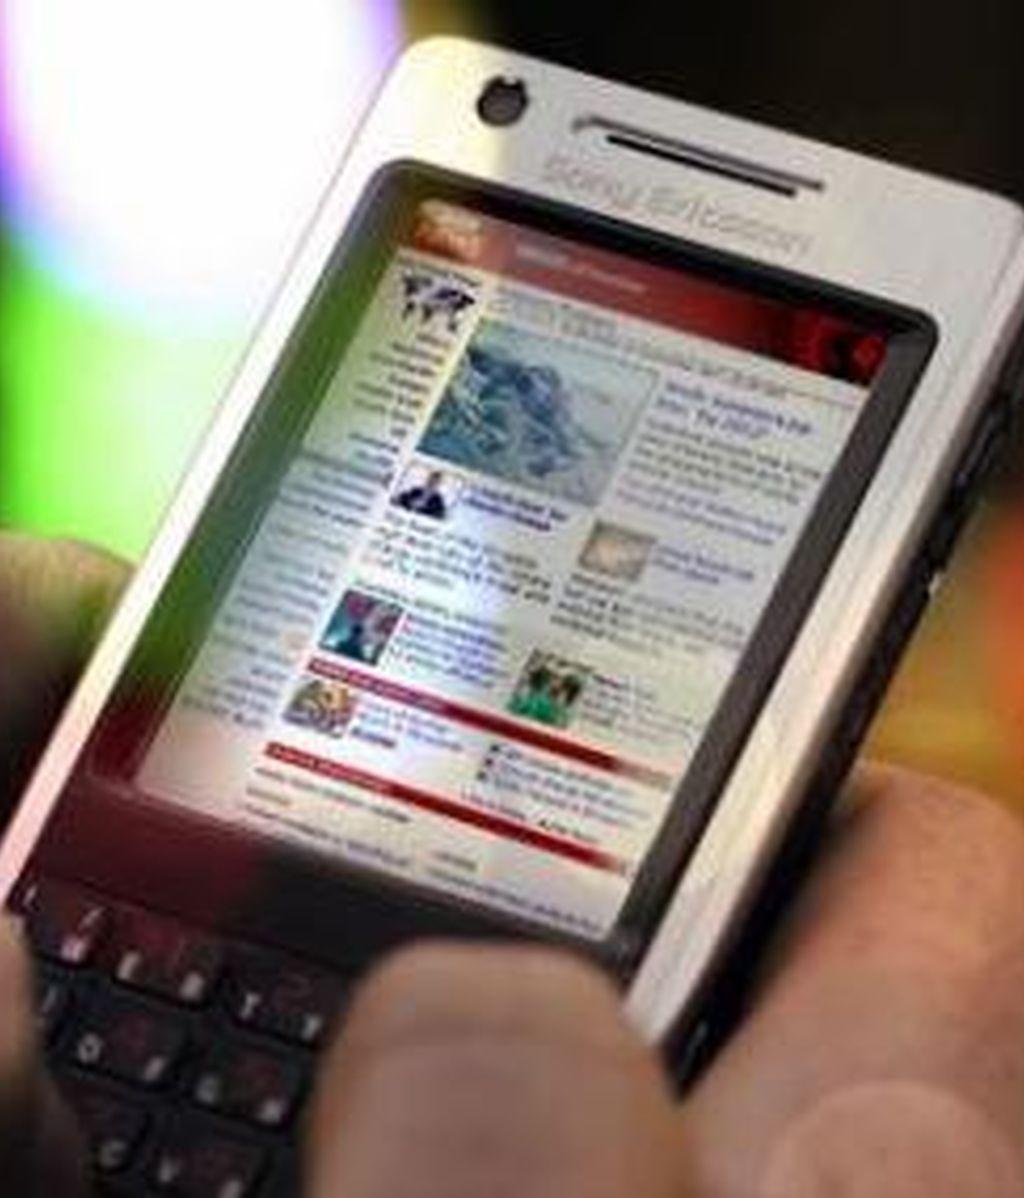 España se sitúa a la cabeza de esta tendencia en Europa, con el 33 por ciento de los españoles navegando en Internet desde su móvil.